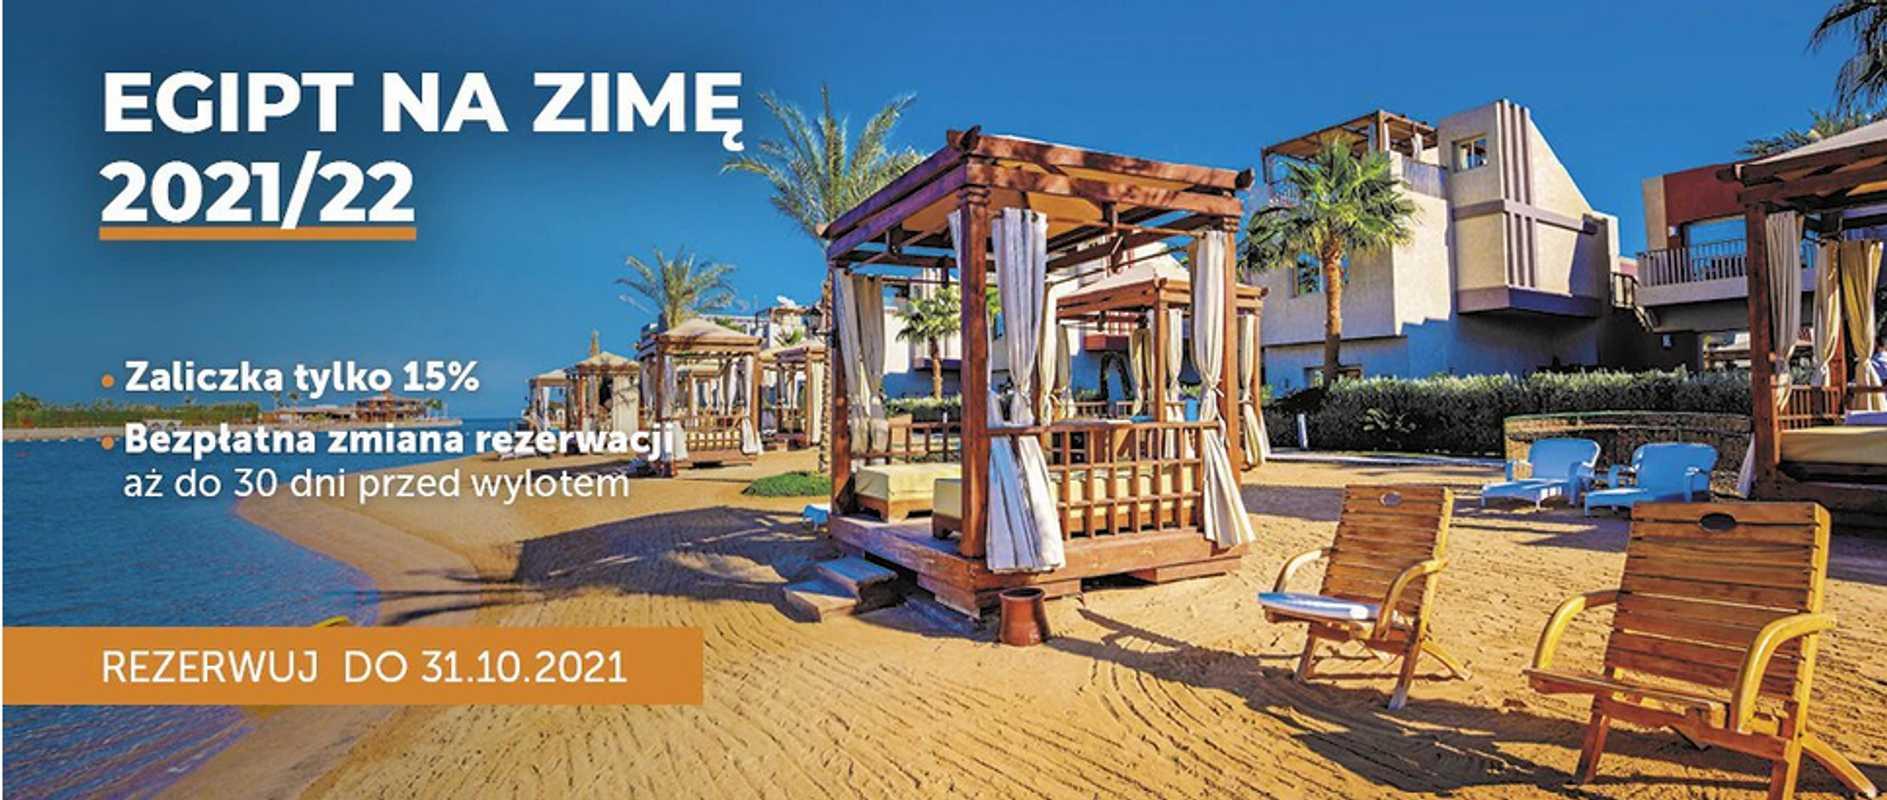 Sun&Fun - gazetka promocyjna ważna od 21.09.2021 do 31.10.2021 - strona 1.